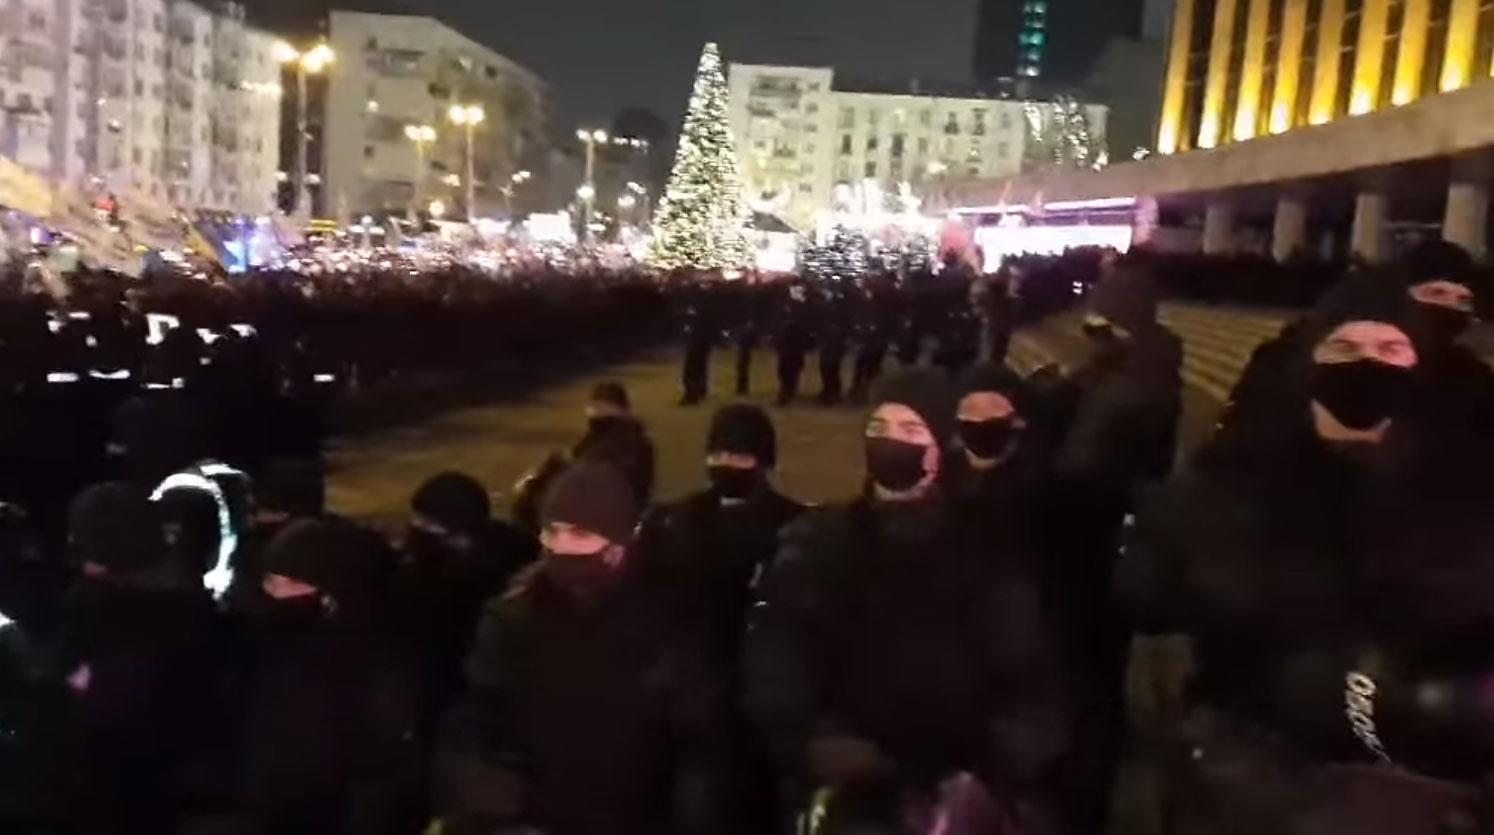 «Я ще такого цирку не бачила, скільки живу!» — киянка показала, що відбувалося біля Палацу Україна